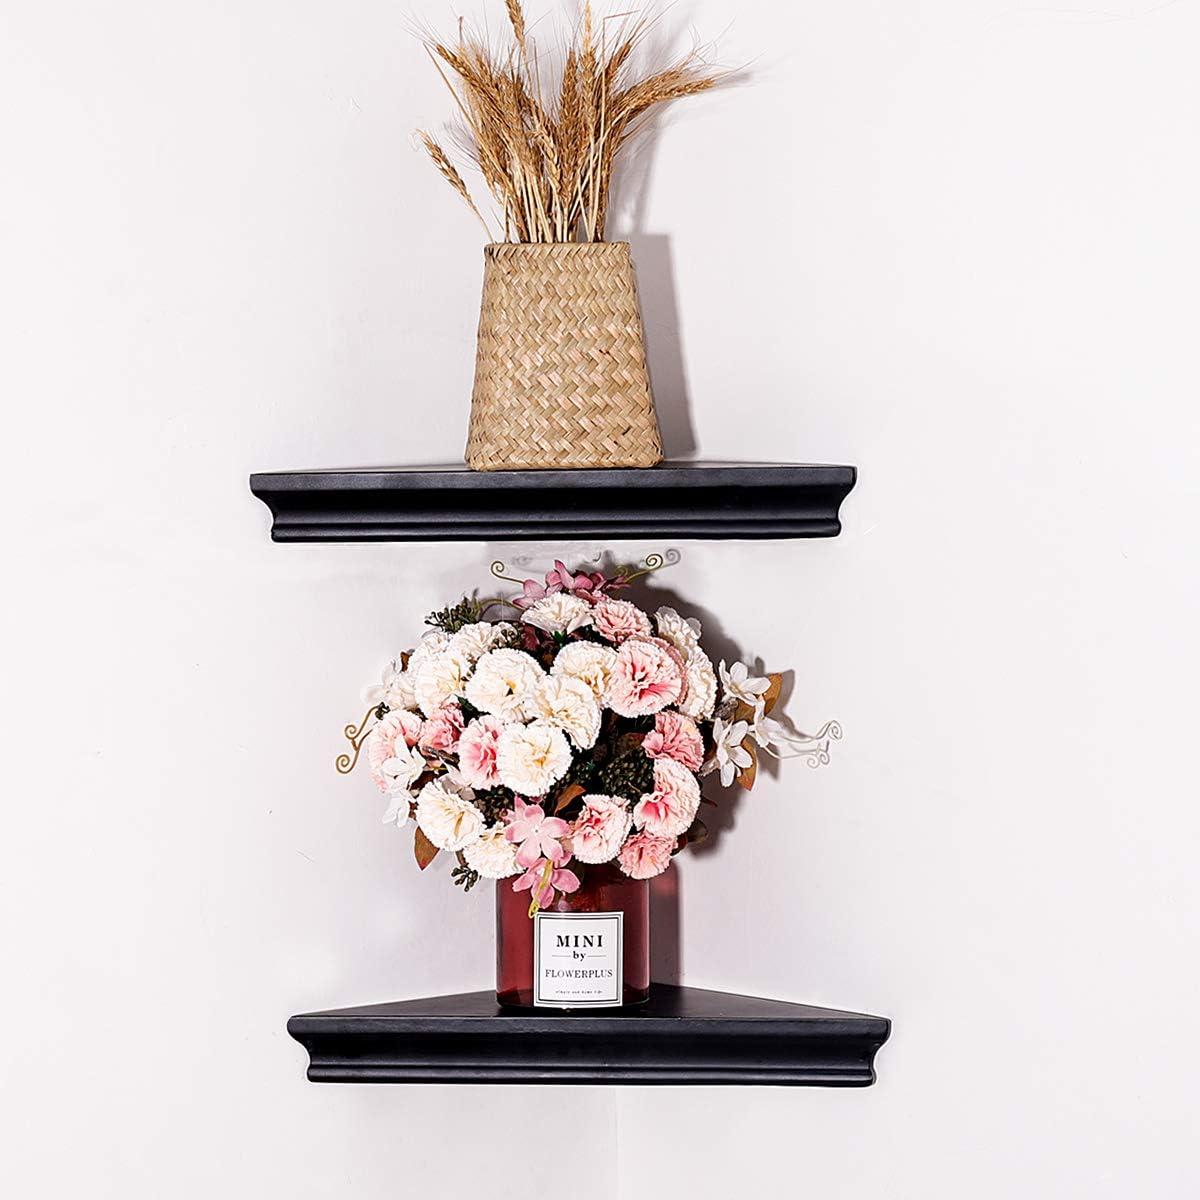 UMICAL Black Corner Floating Shelf Modern Style Wood Floating Shelves Organizer Displays Storage Wall Shelf Home Decor for Living Room, Bedroom, Kitchen, Set of 2